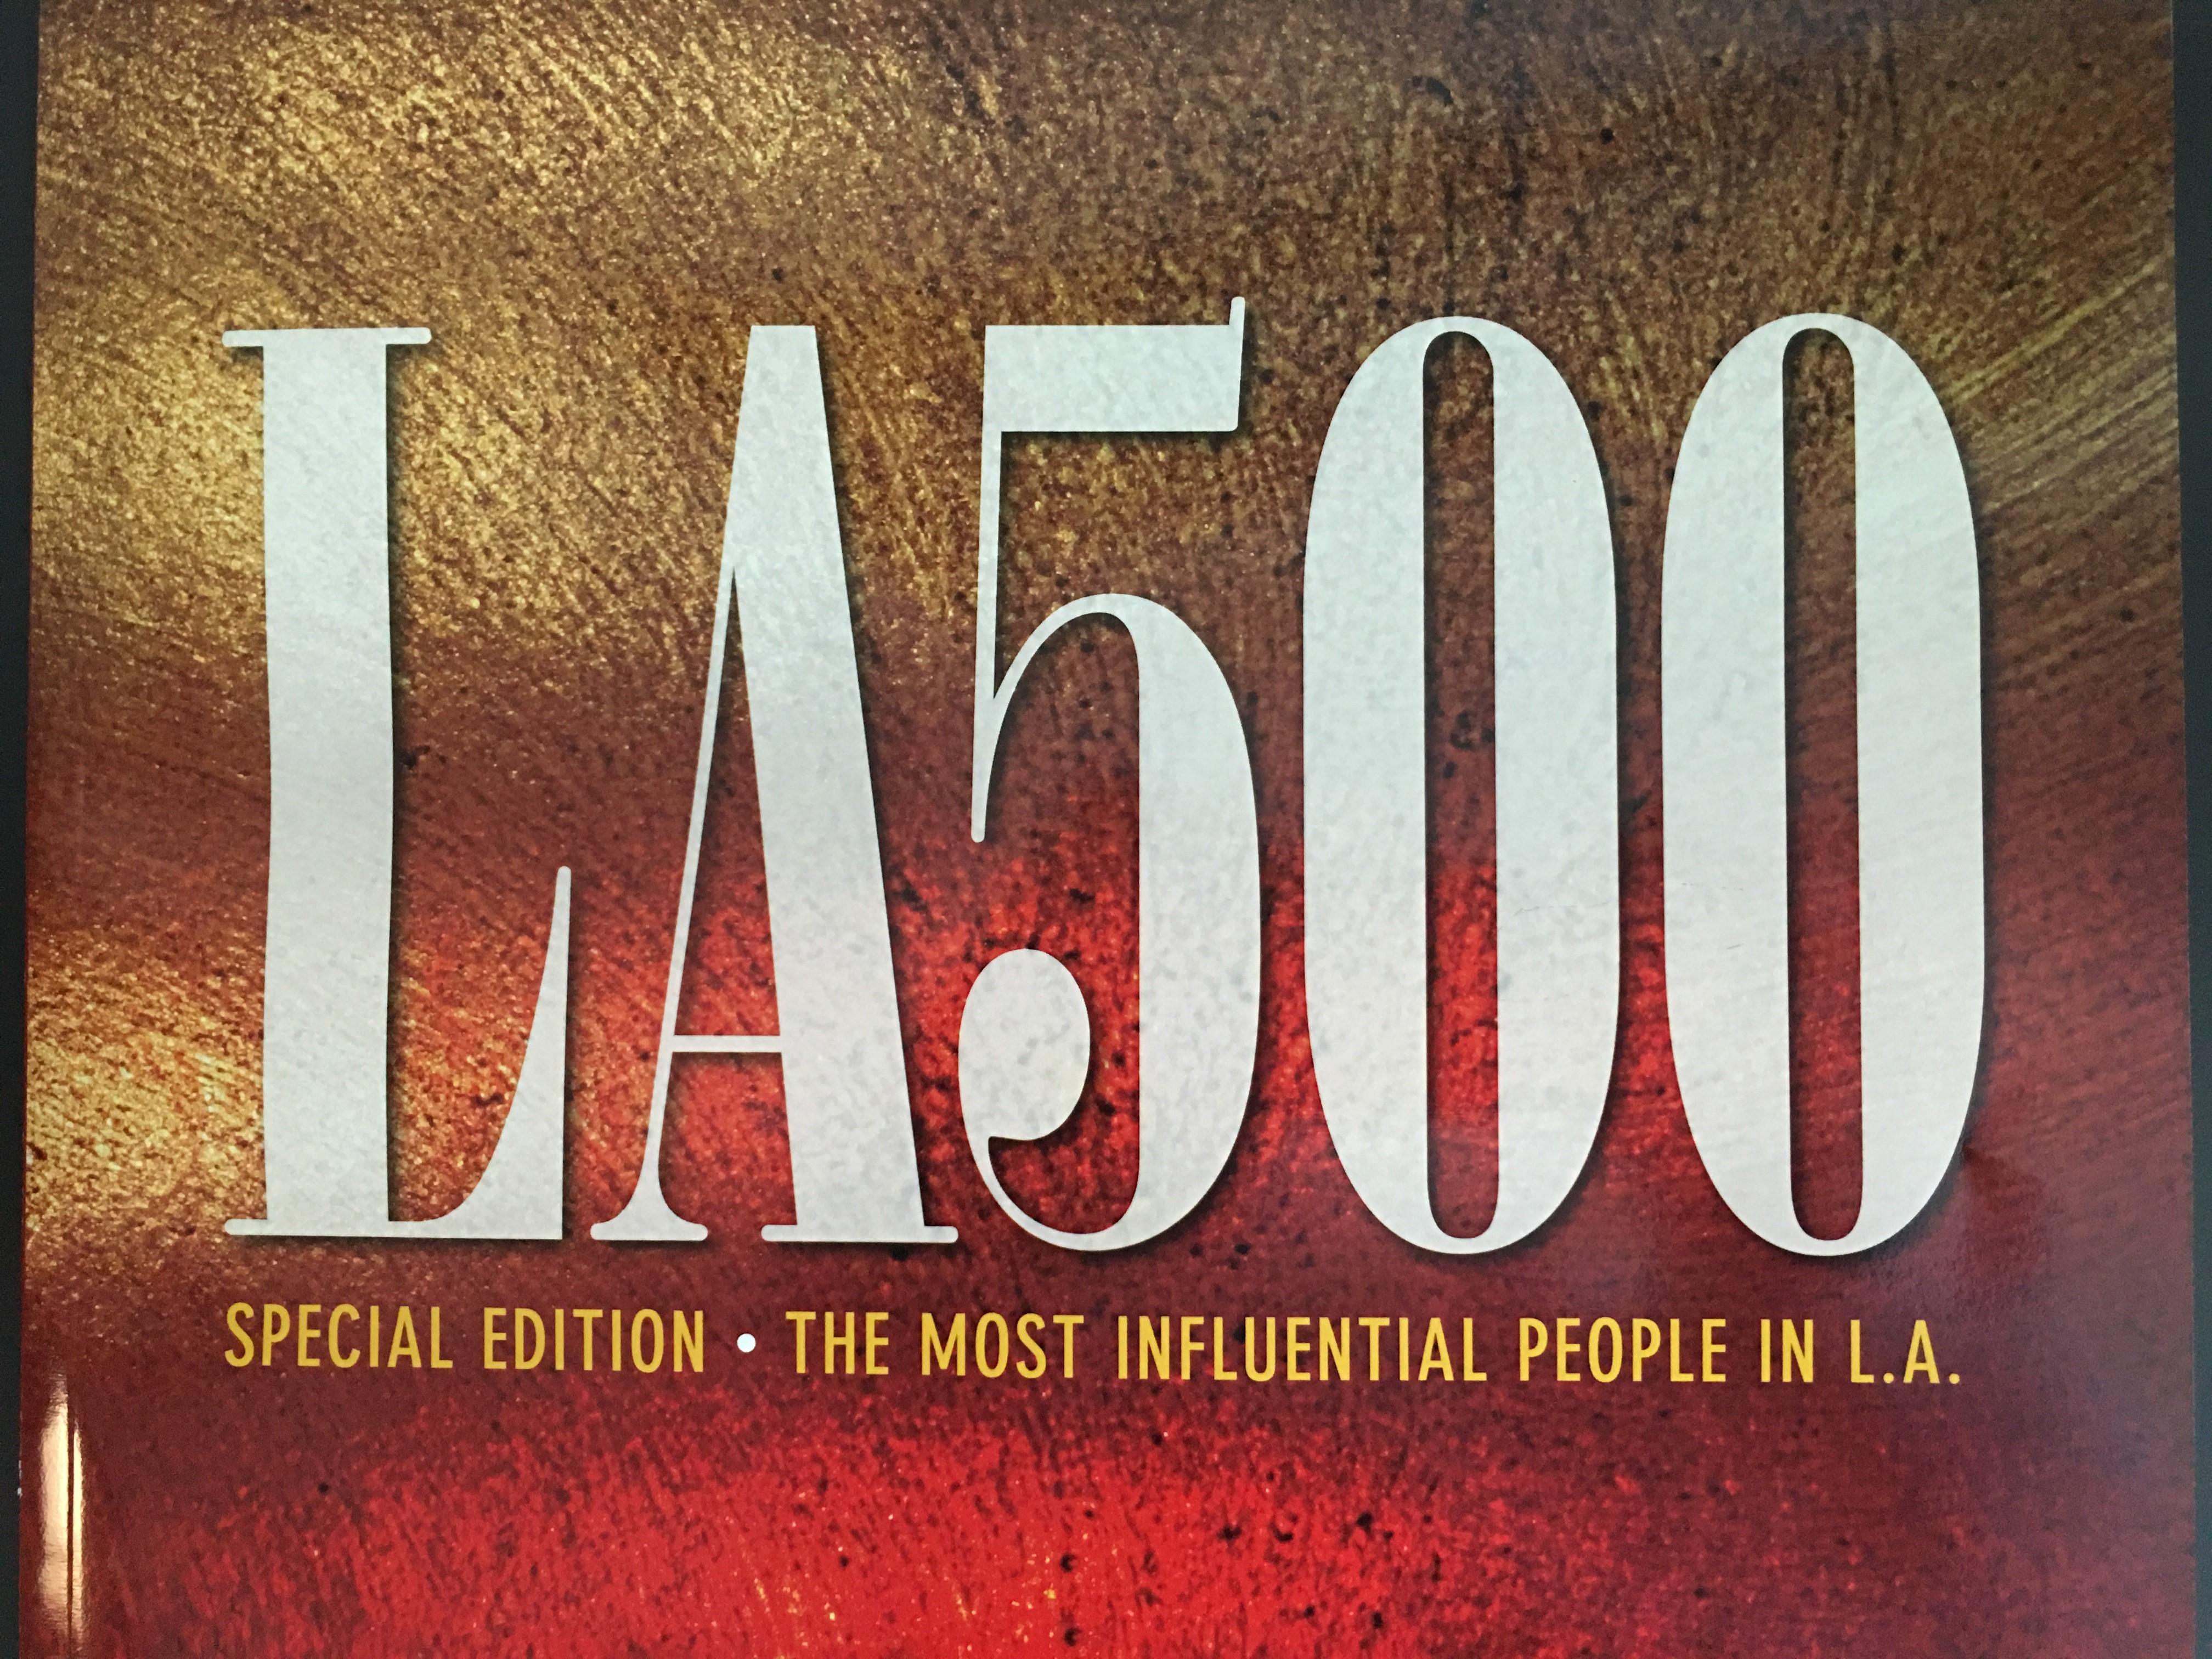 LAEDC congratulates the LA 500